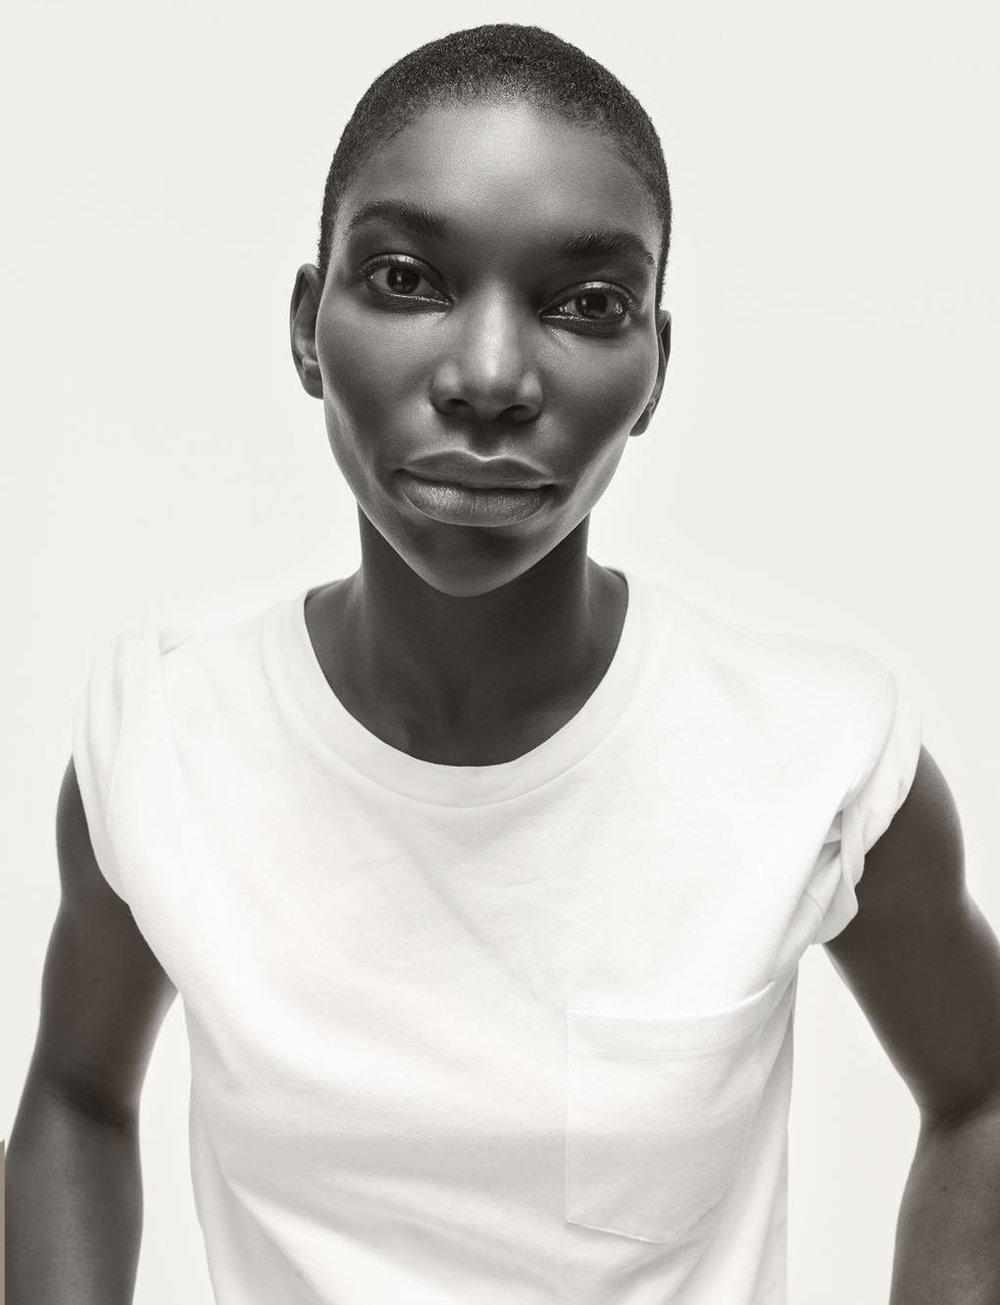 Photo taken from British Vogue